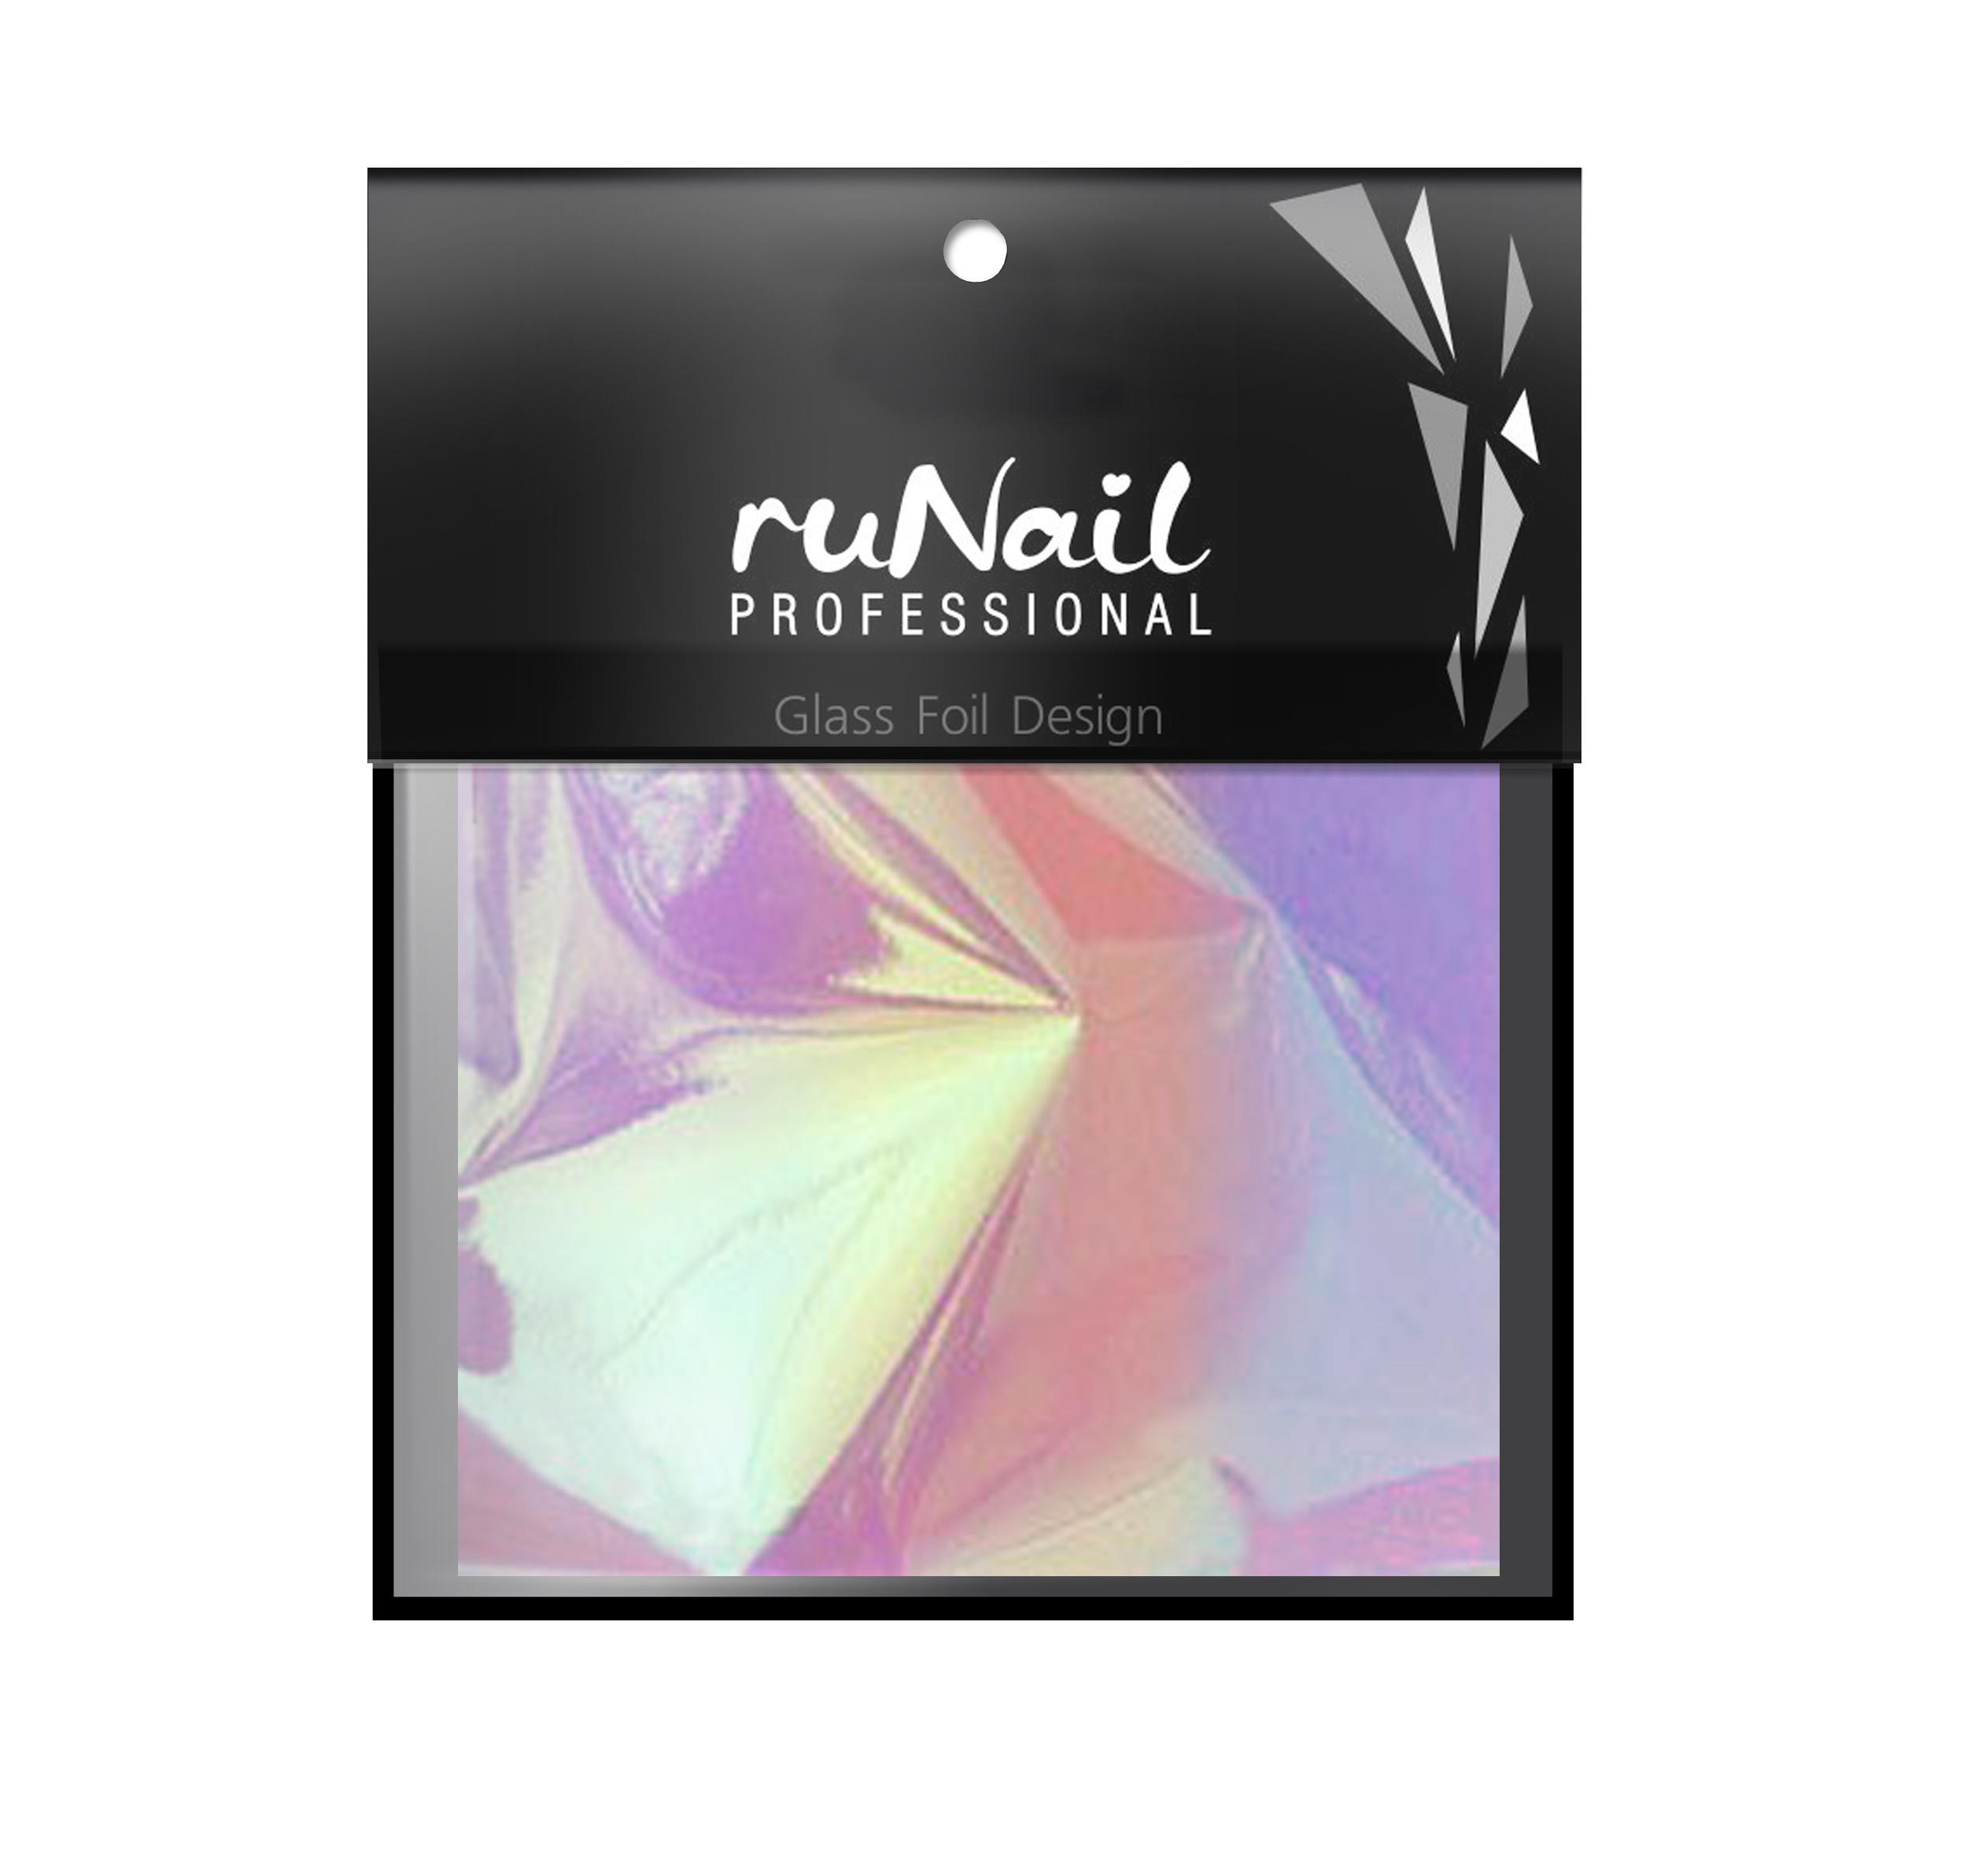 """RuNail Дизайн для ногтей: фольга с эффектом """"Битое стекло""""(цвет радужный), 4х100см"""